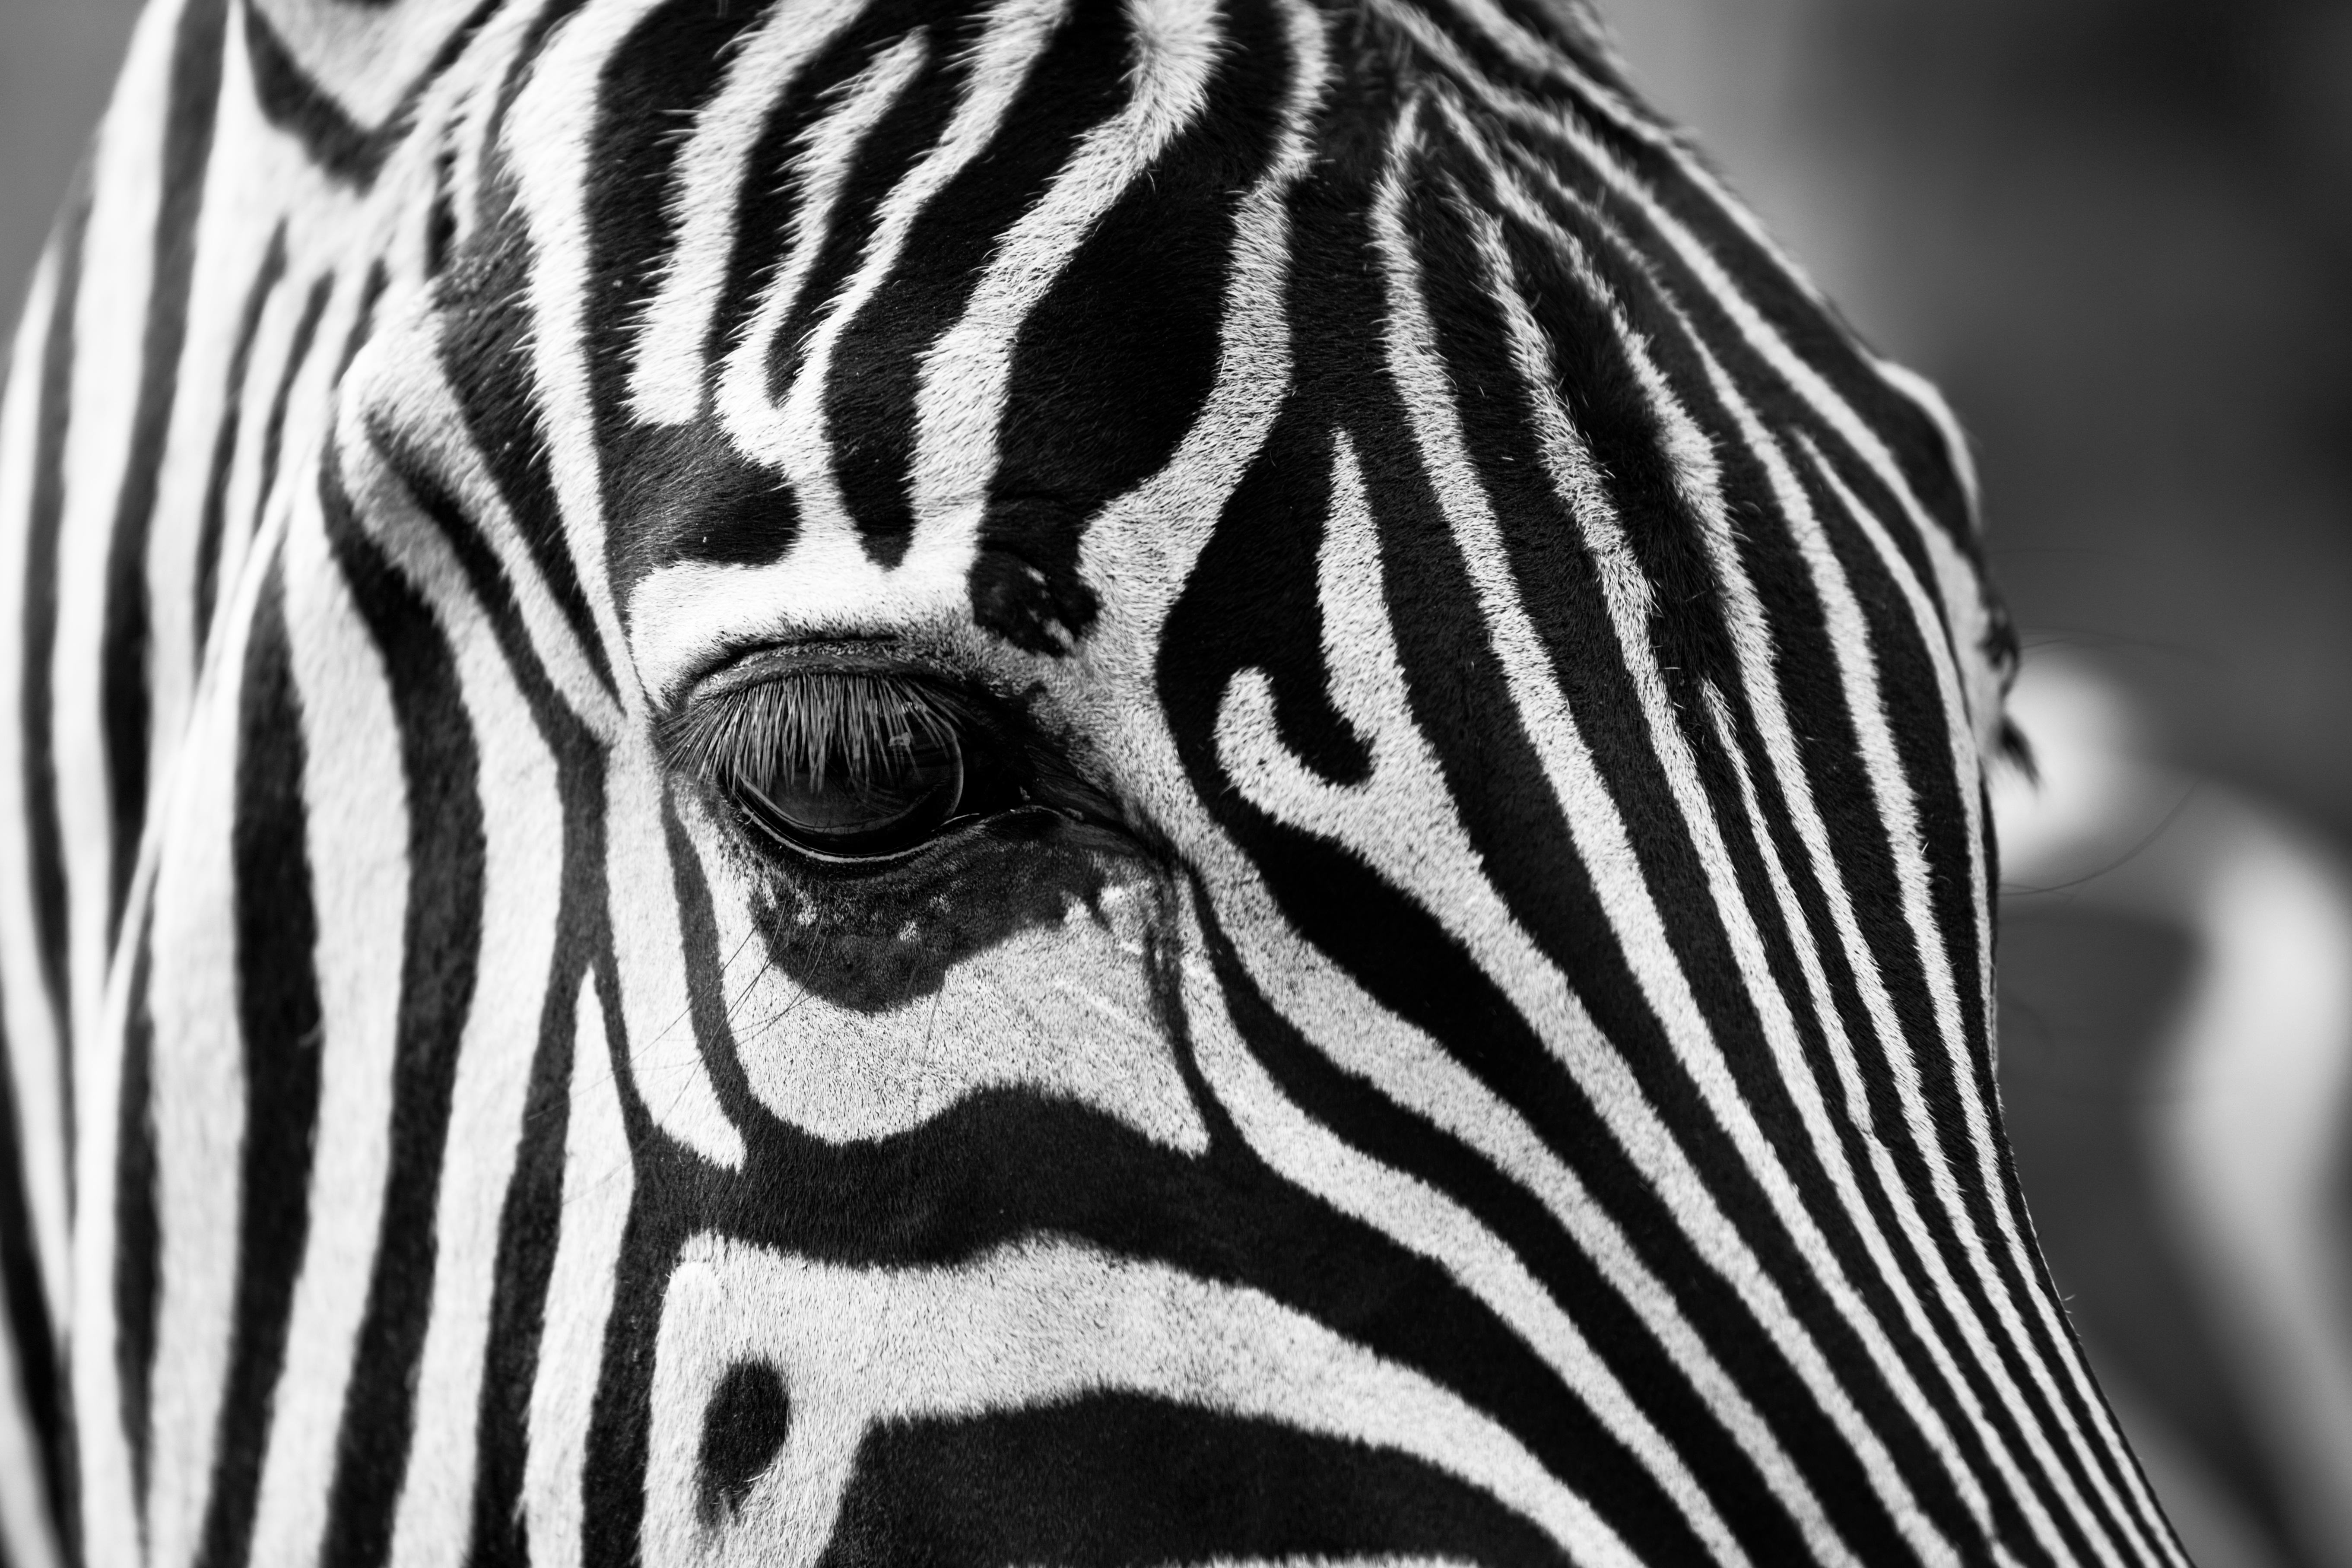 africa photos pexels free stock photos